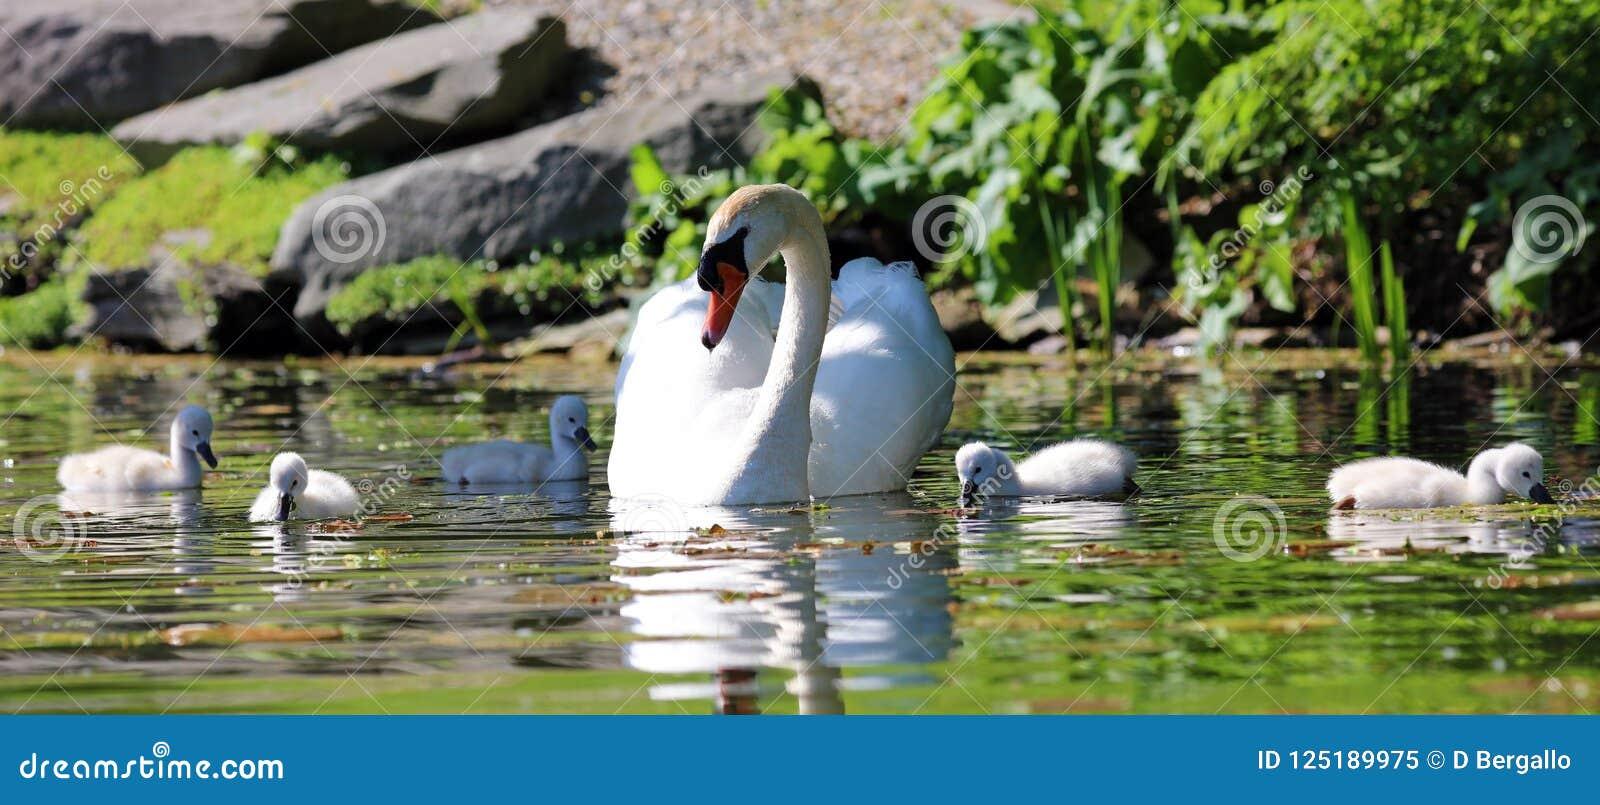 Cisne original com bebês em um lago, foto alta da definição deste aviário maravilhoso em Ámérica do Sul